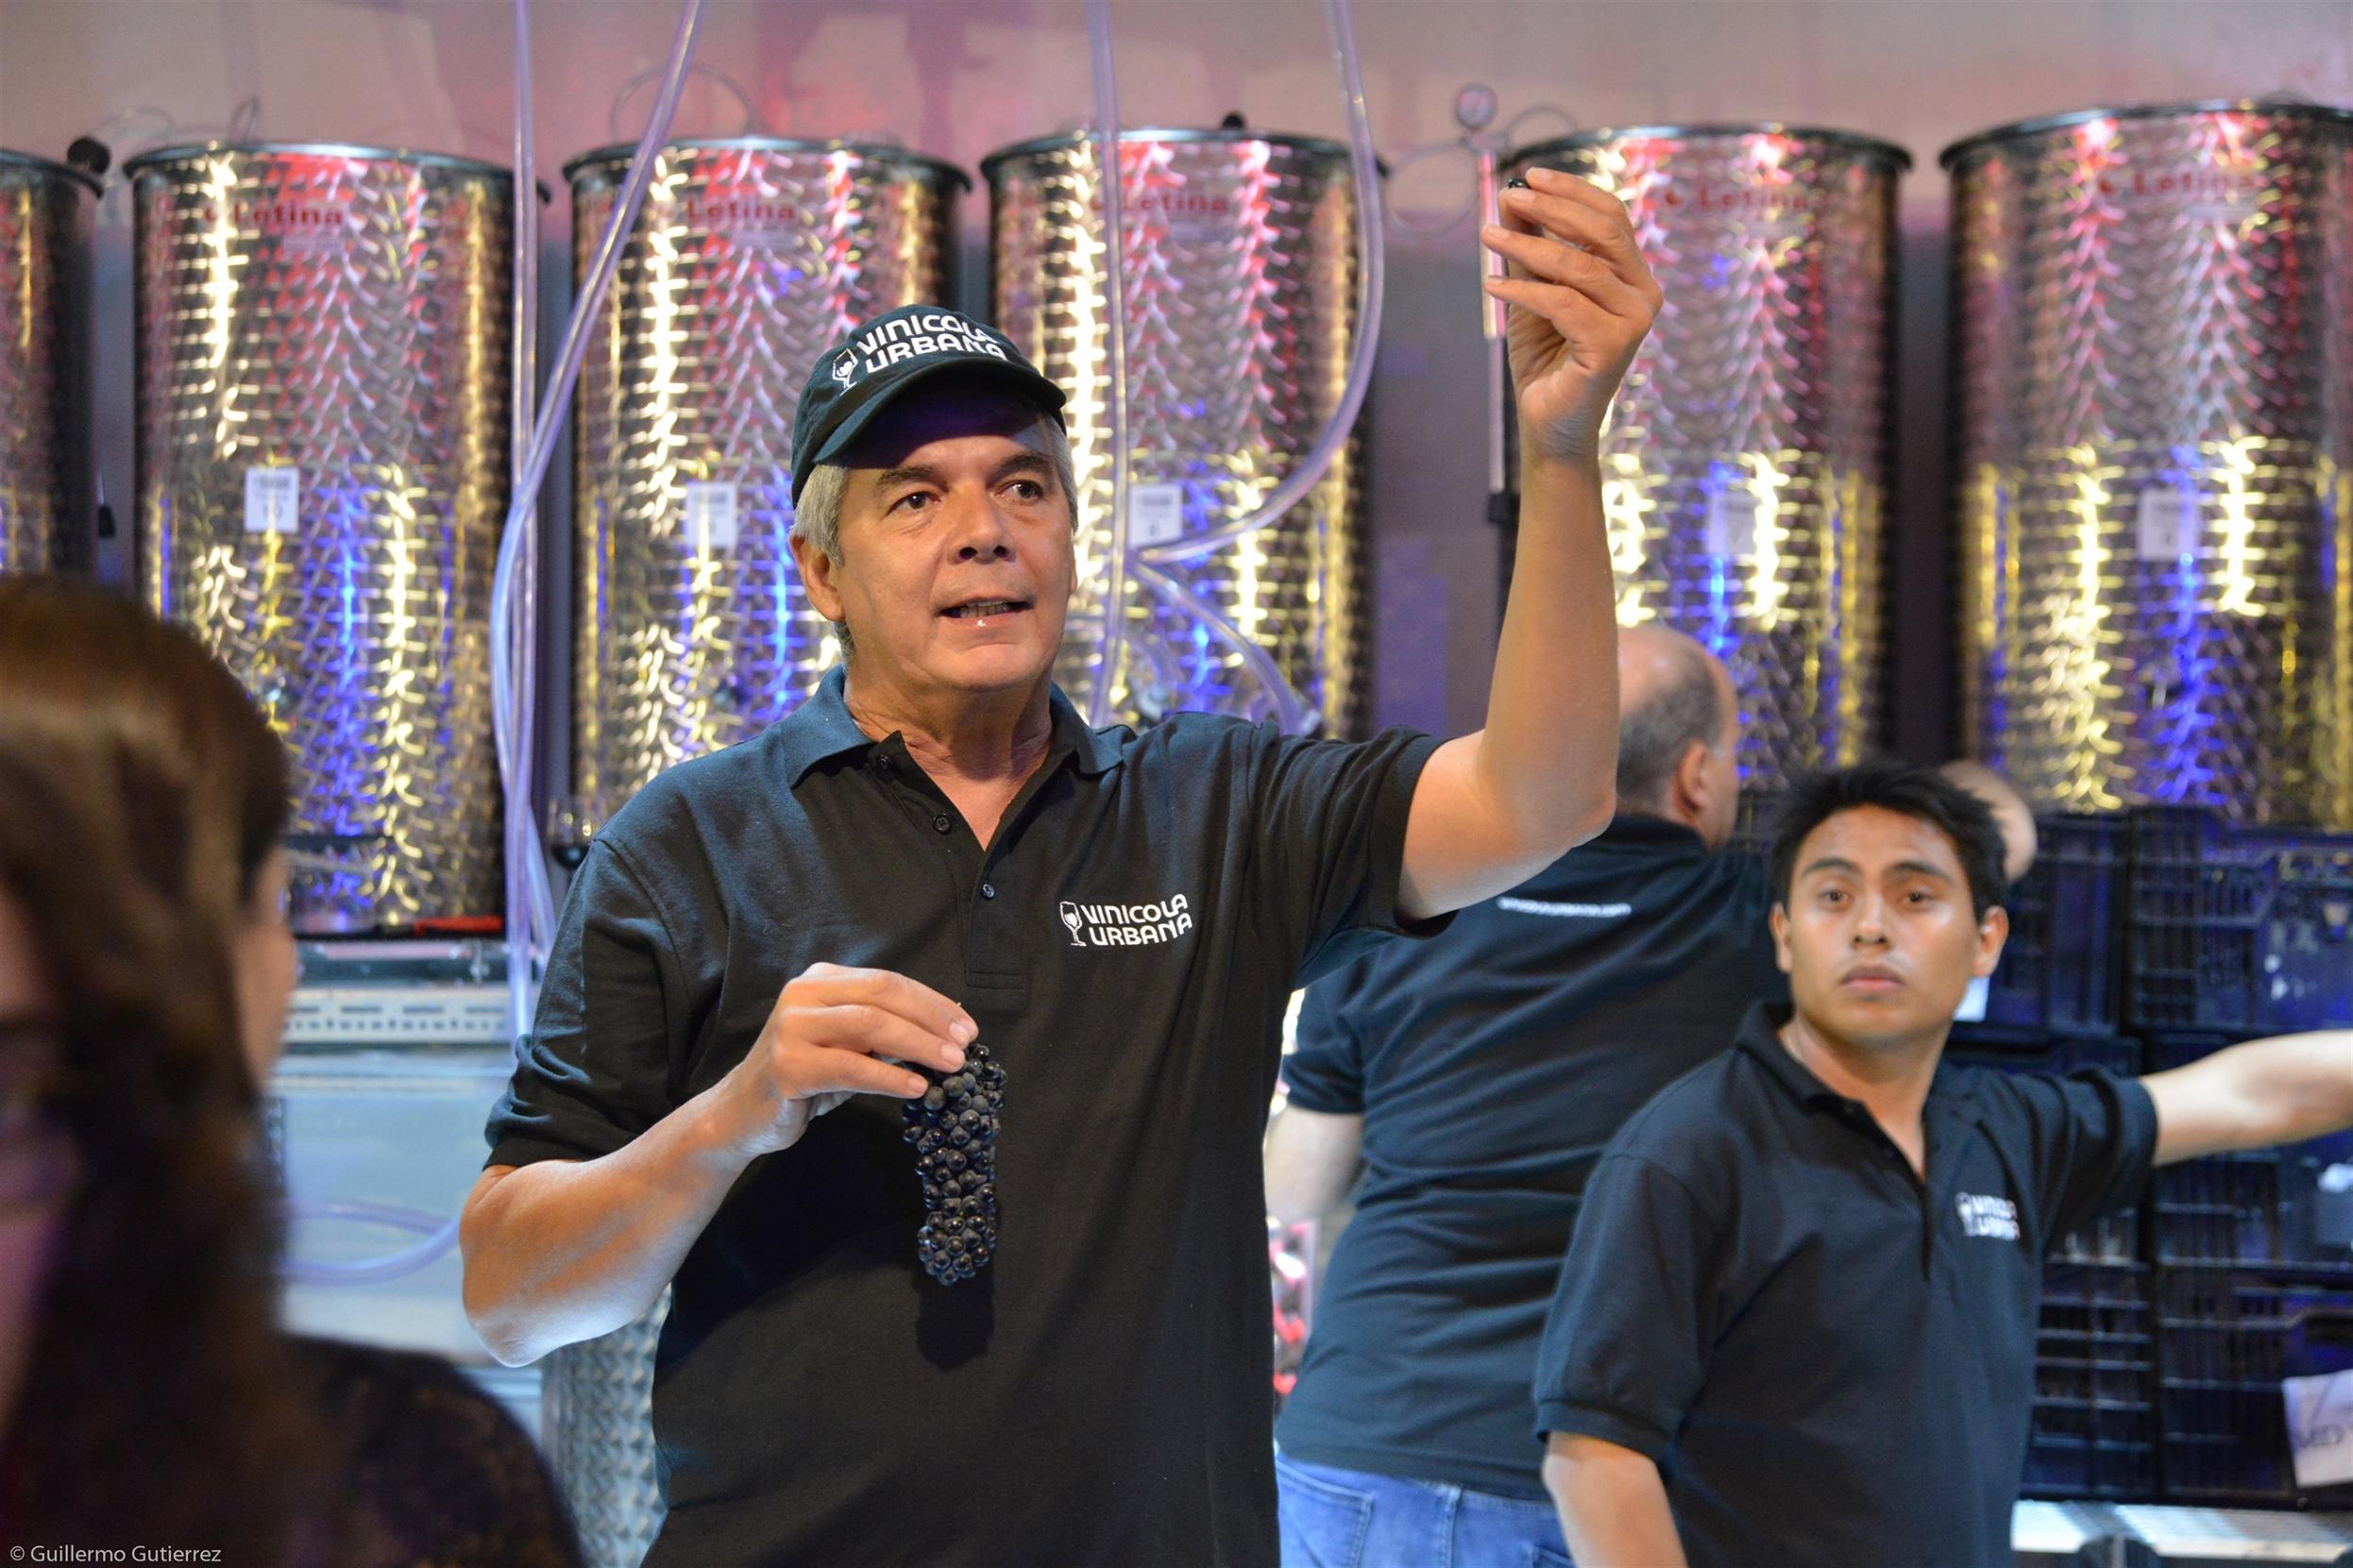 Hugo ne Primera vinificacion vinicola urbana